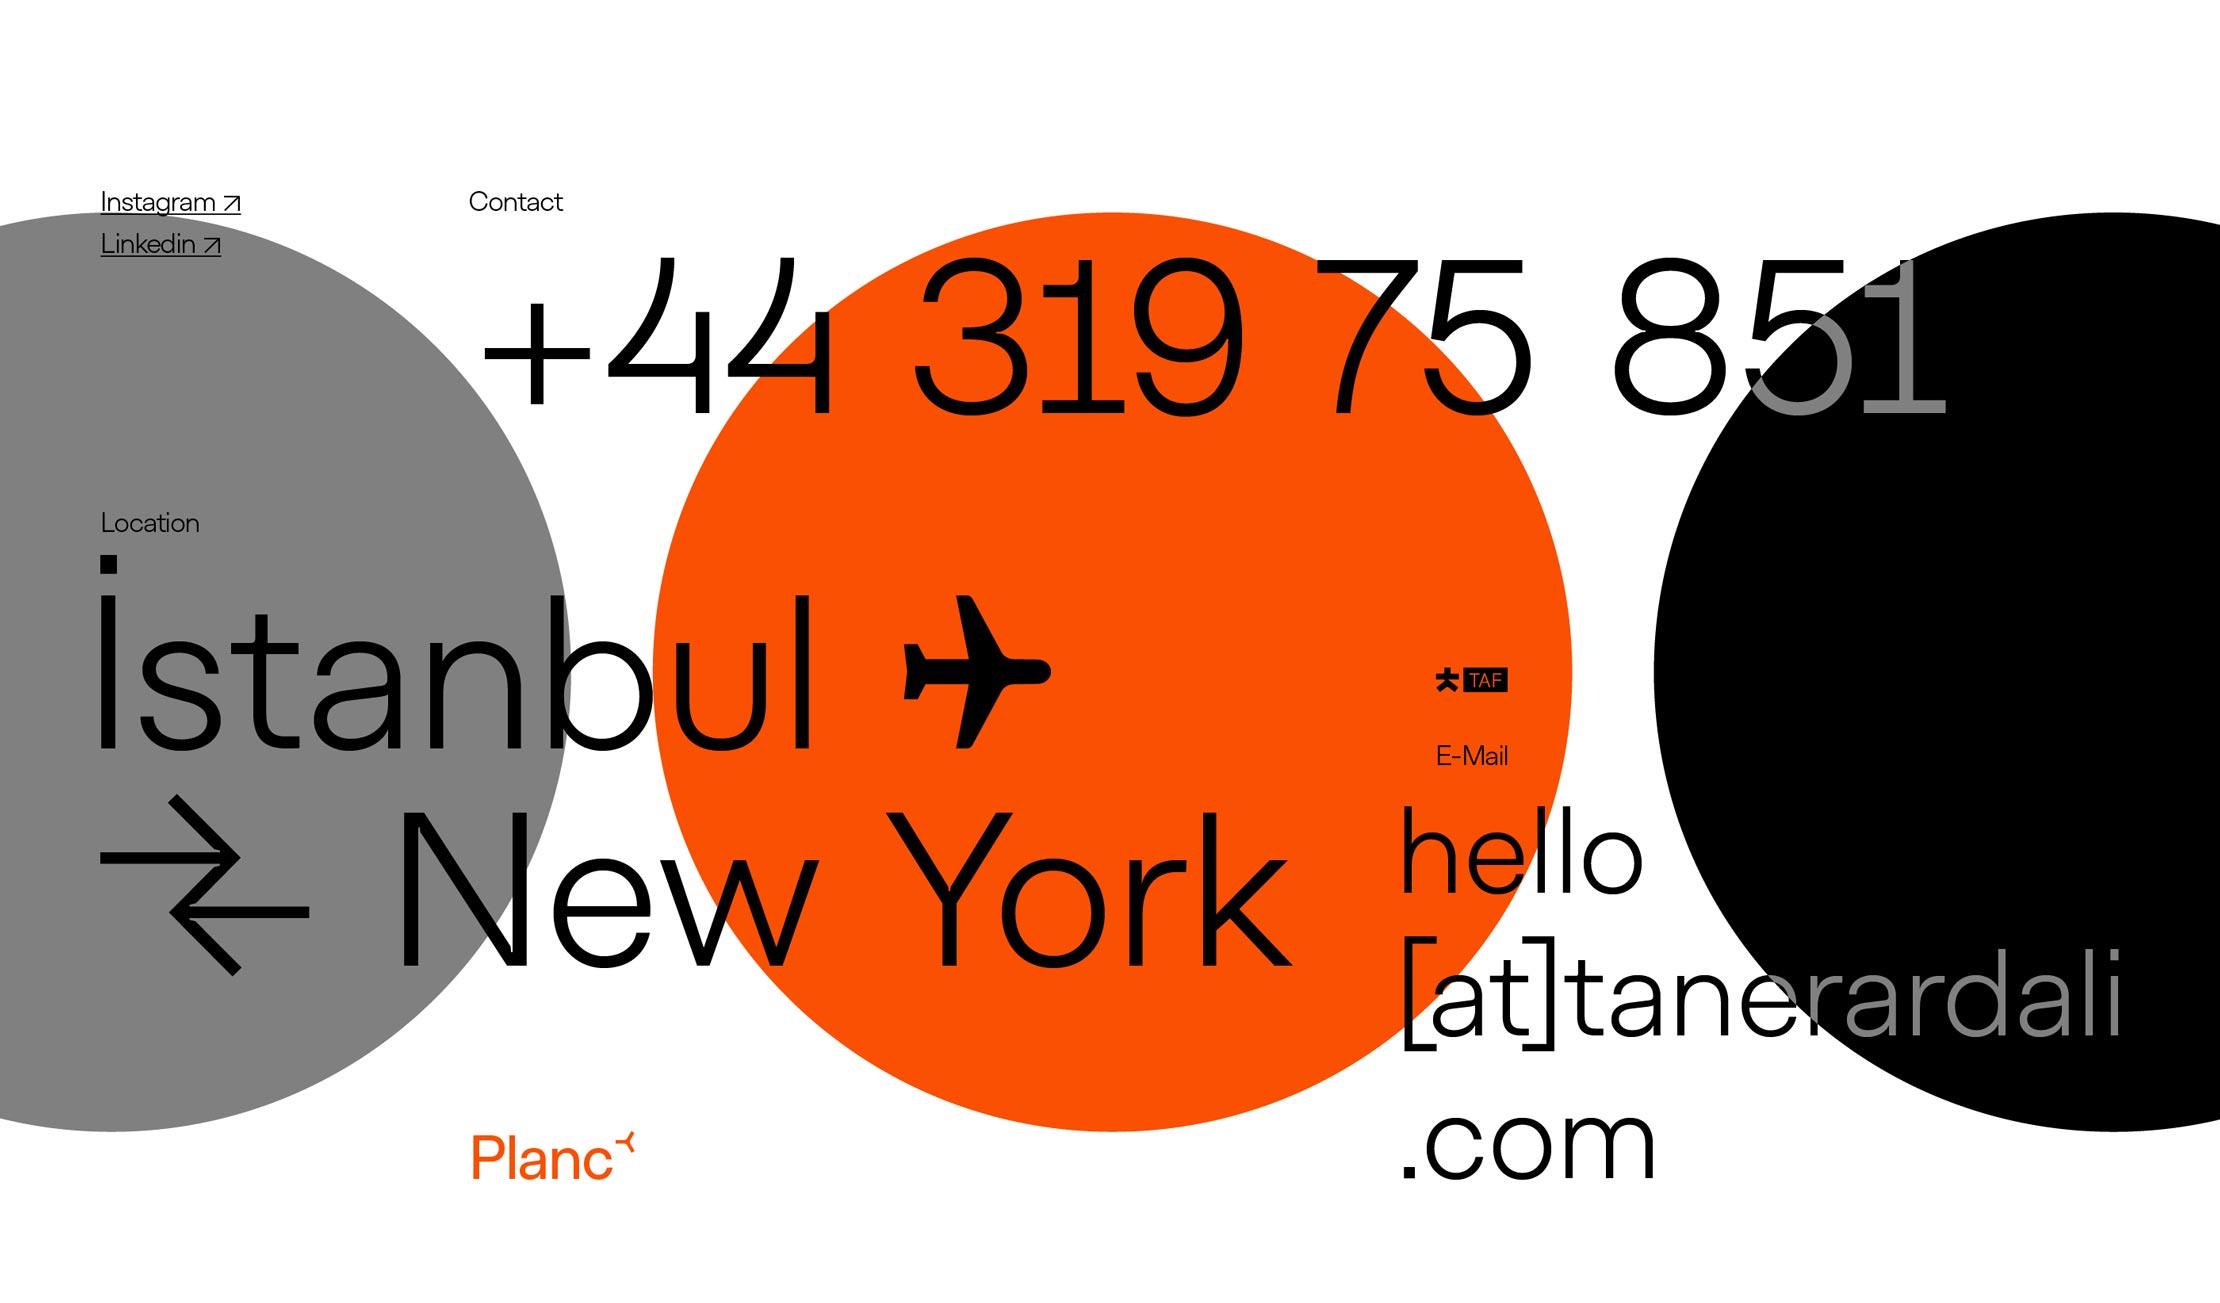 Planc_pages-02_04